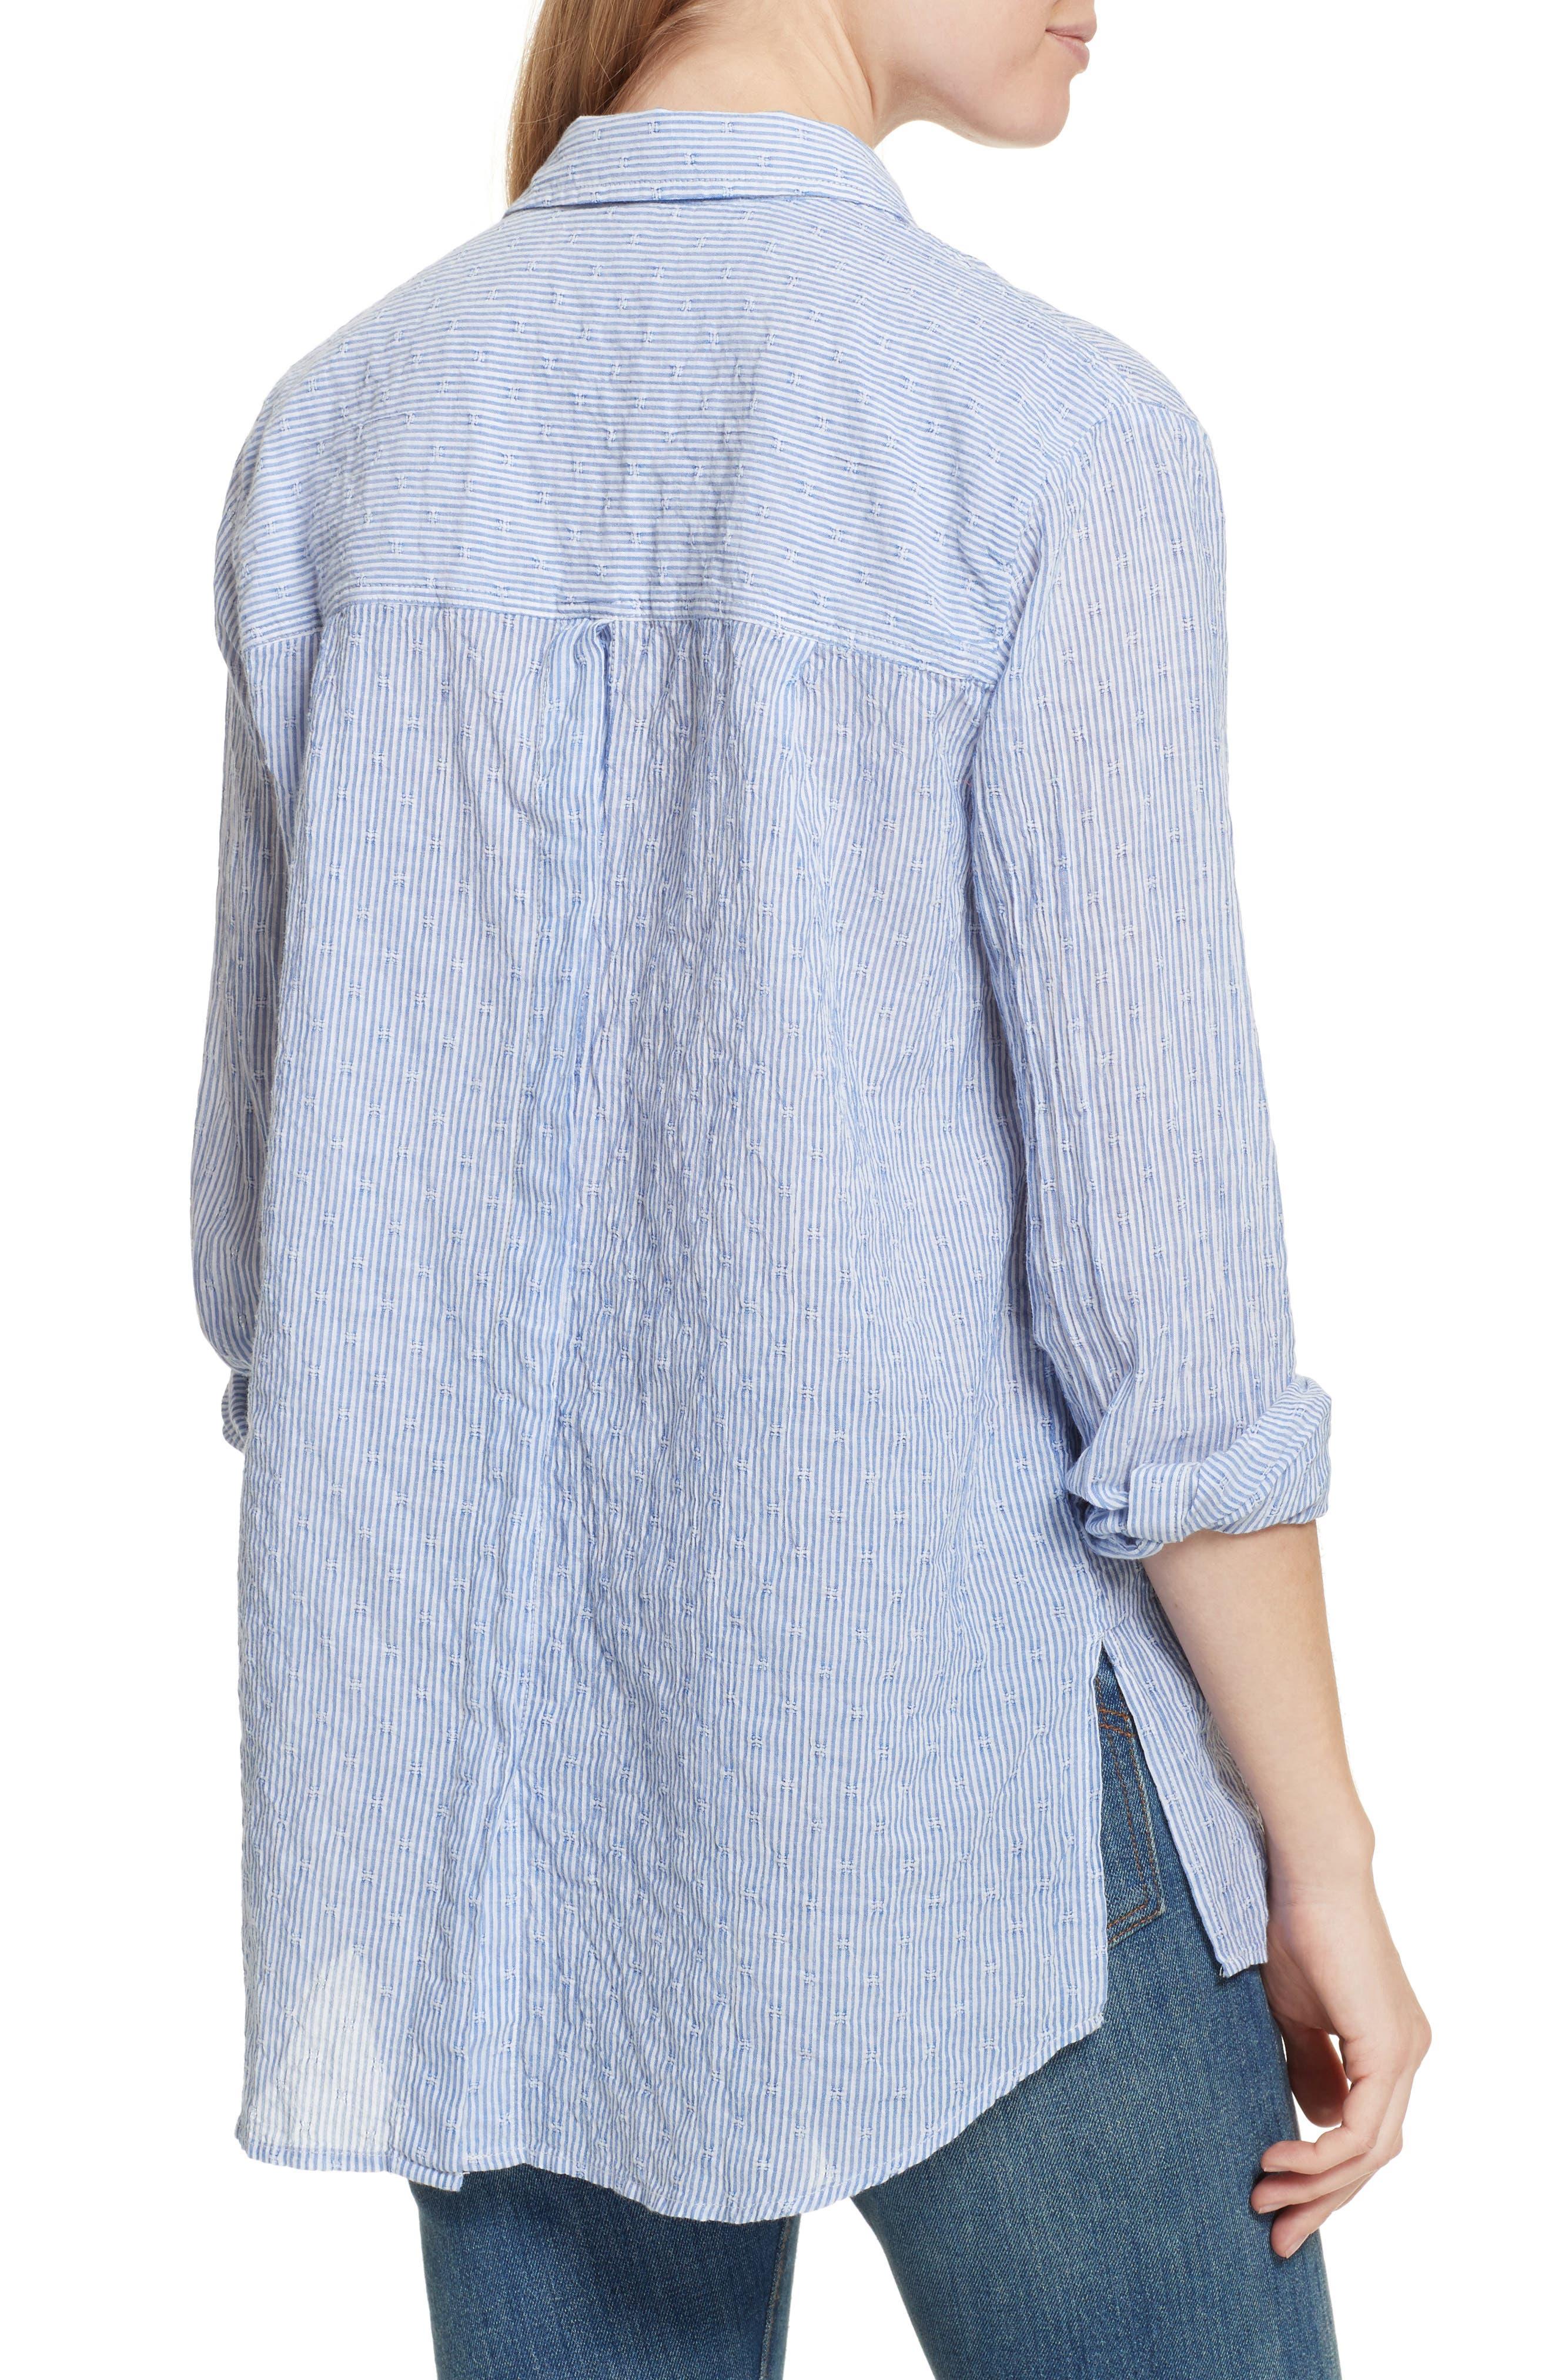 No Limits Stripe Stretch Cotton Shirt,                             Alternate thumbnail 2, color,                             Blue